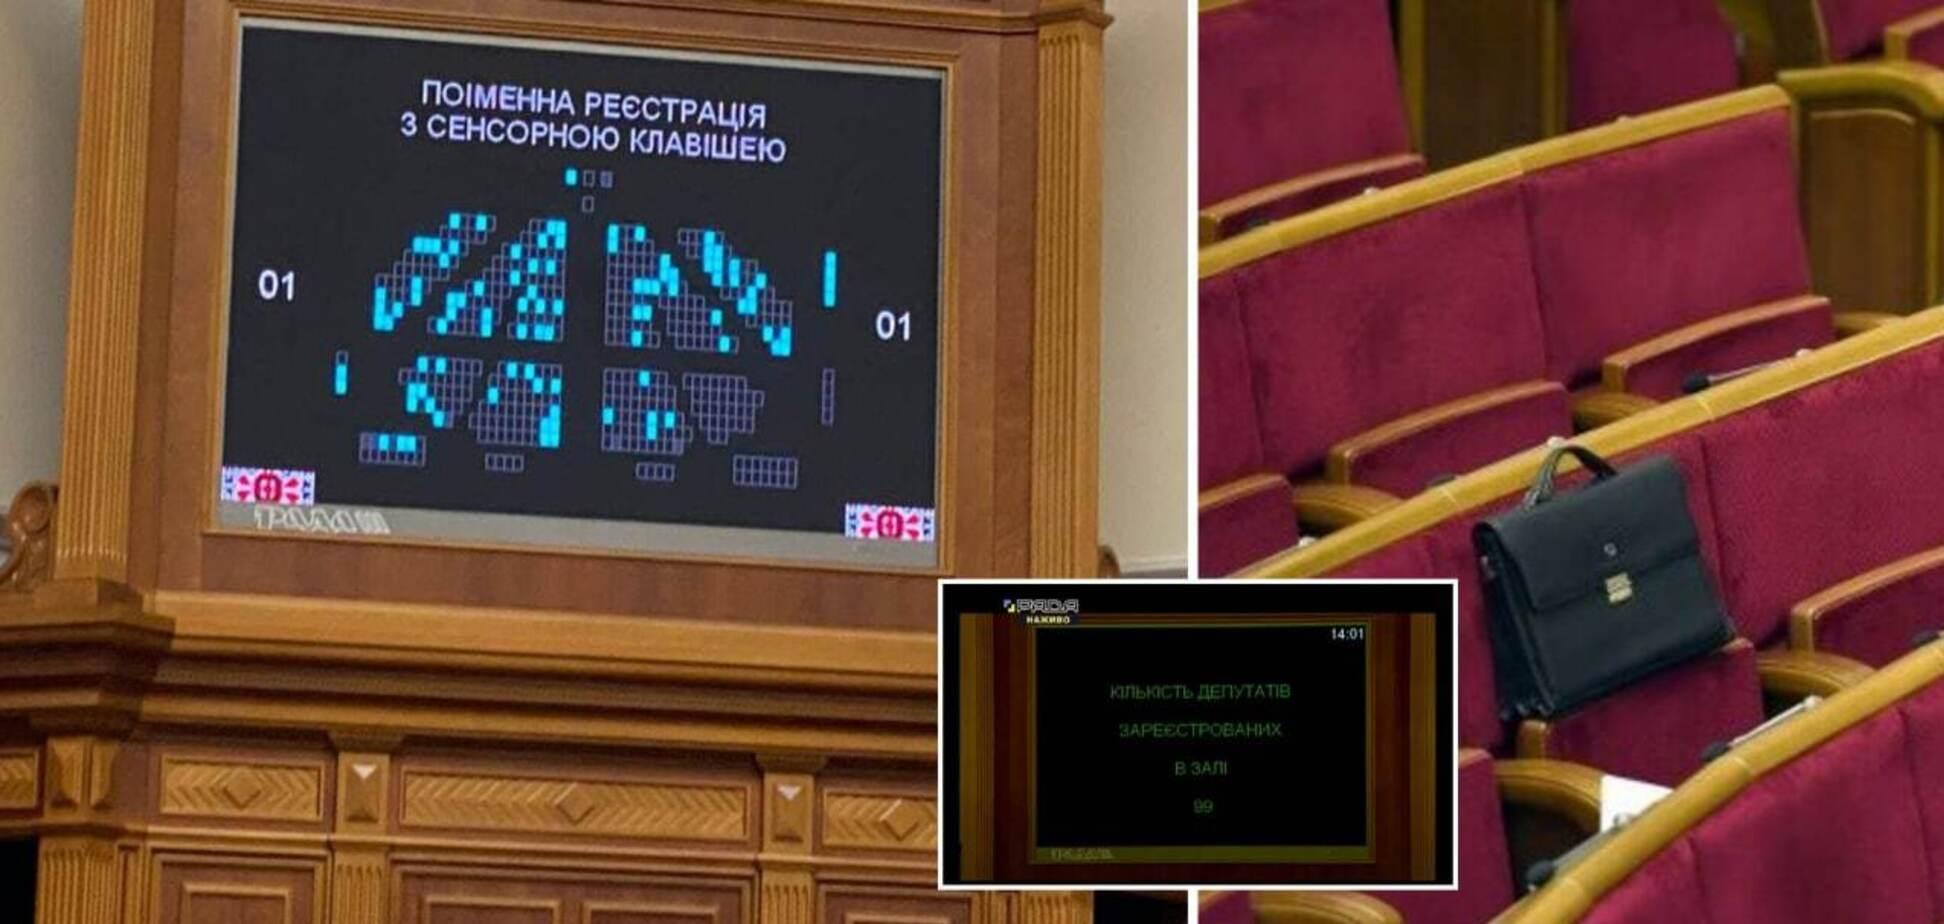 В Раде зарегистрировались 99 нардепов, установив антирекорд посещаемости в созыве. Фото